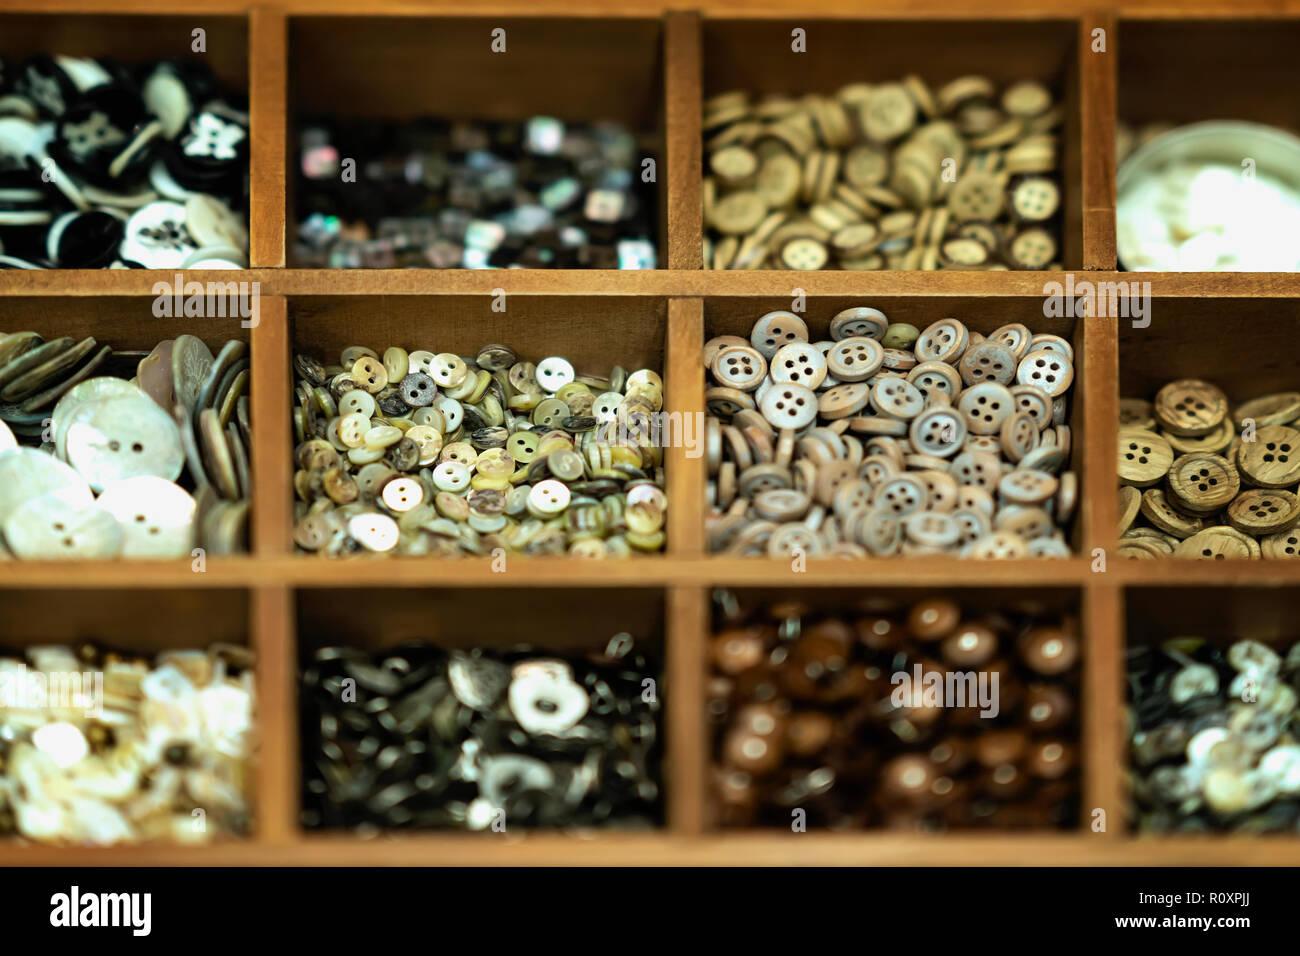 Différents boutons multicolores dans des caisses en bois pour la créativité, un vrai magasin, arrière-plan sélectif. L'industrie textile, l'habillement, les loisirs, fait main Banque D'Images